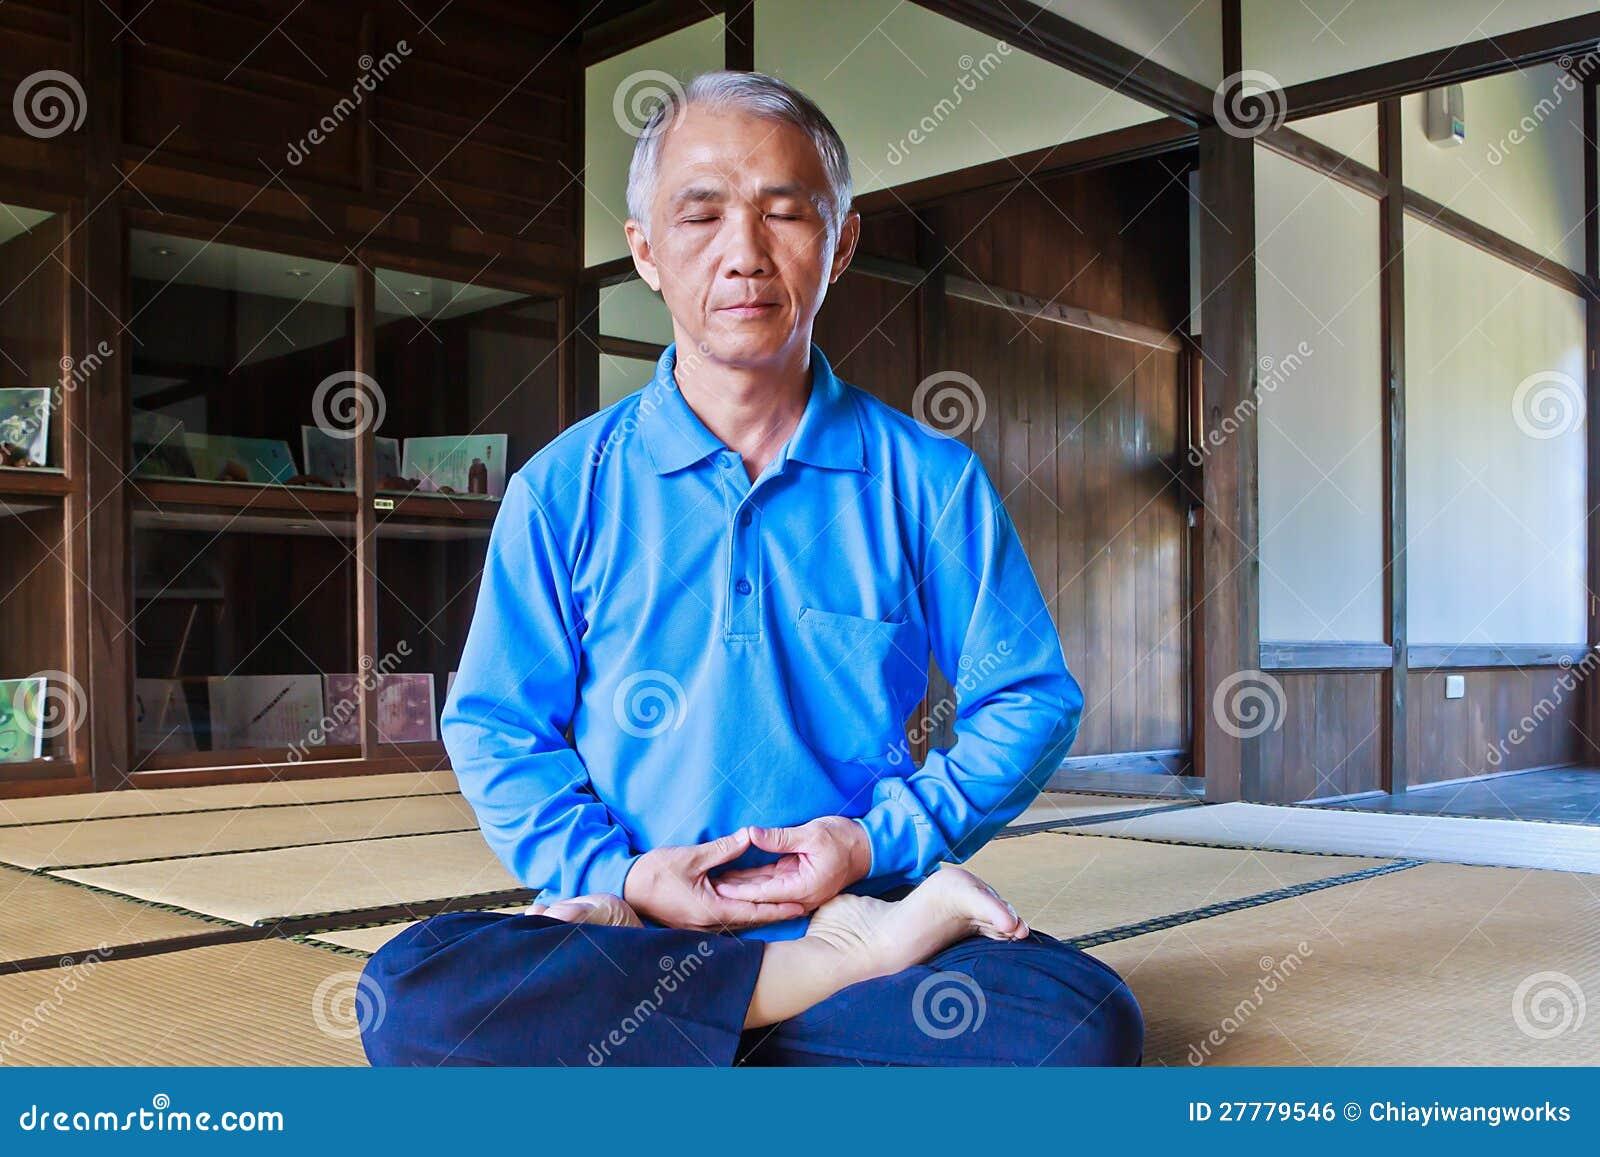 Practicing Zen meditation